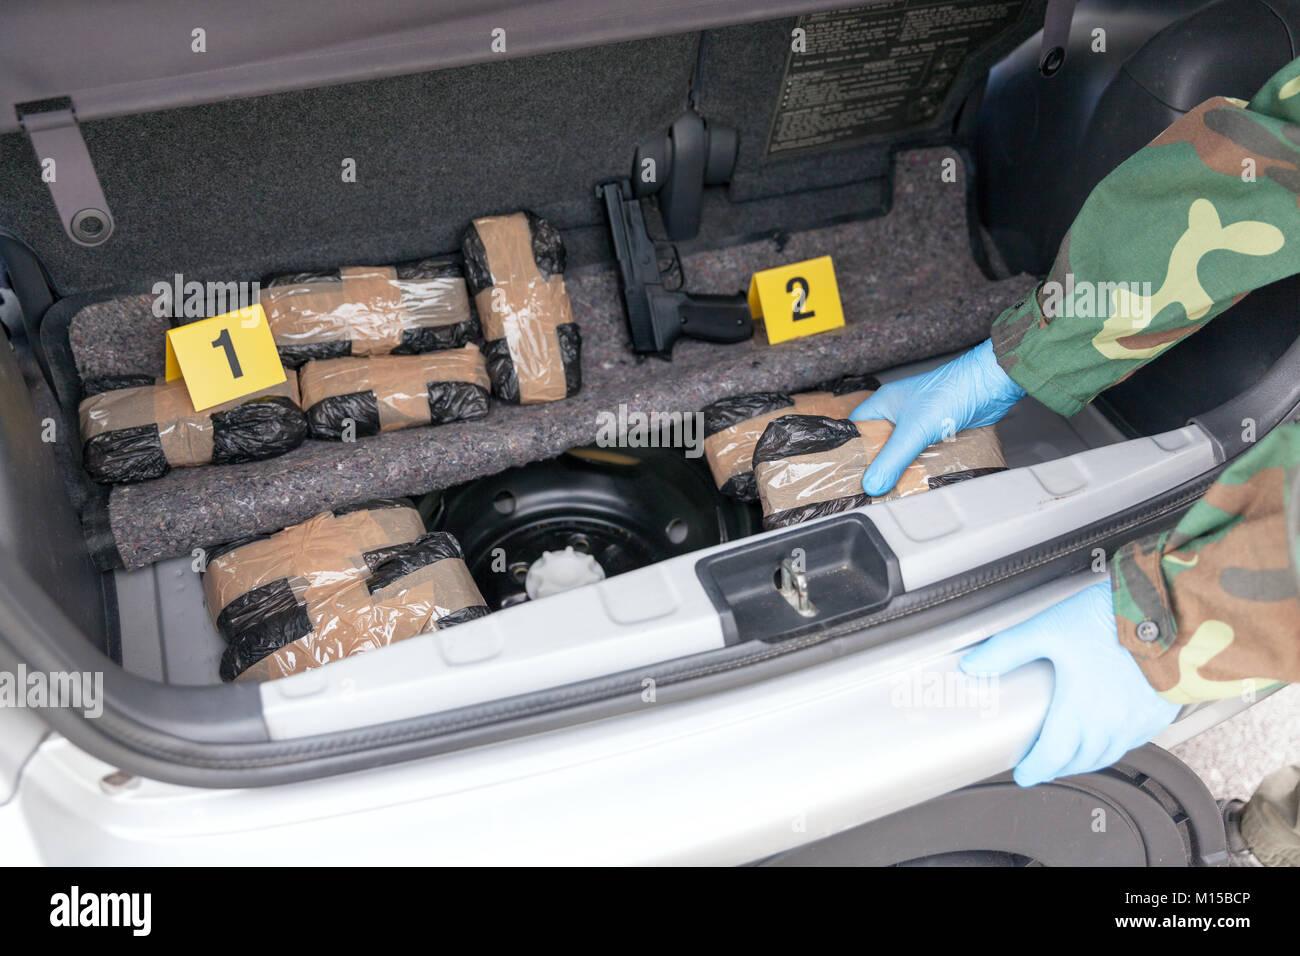 Polizeioffizier holding Droge Paket im Kofferraum eines Autos ...